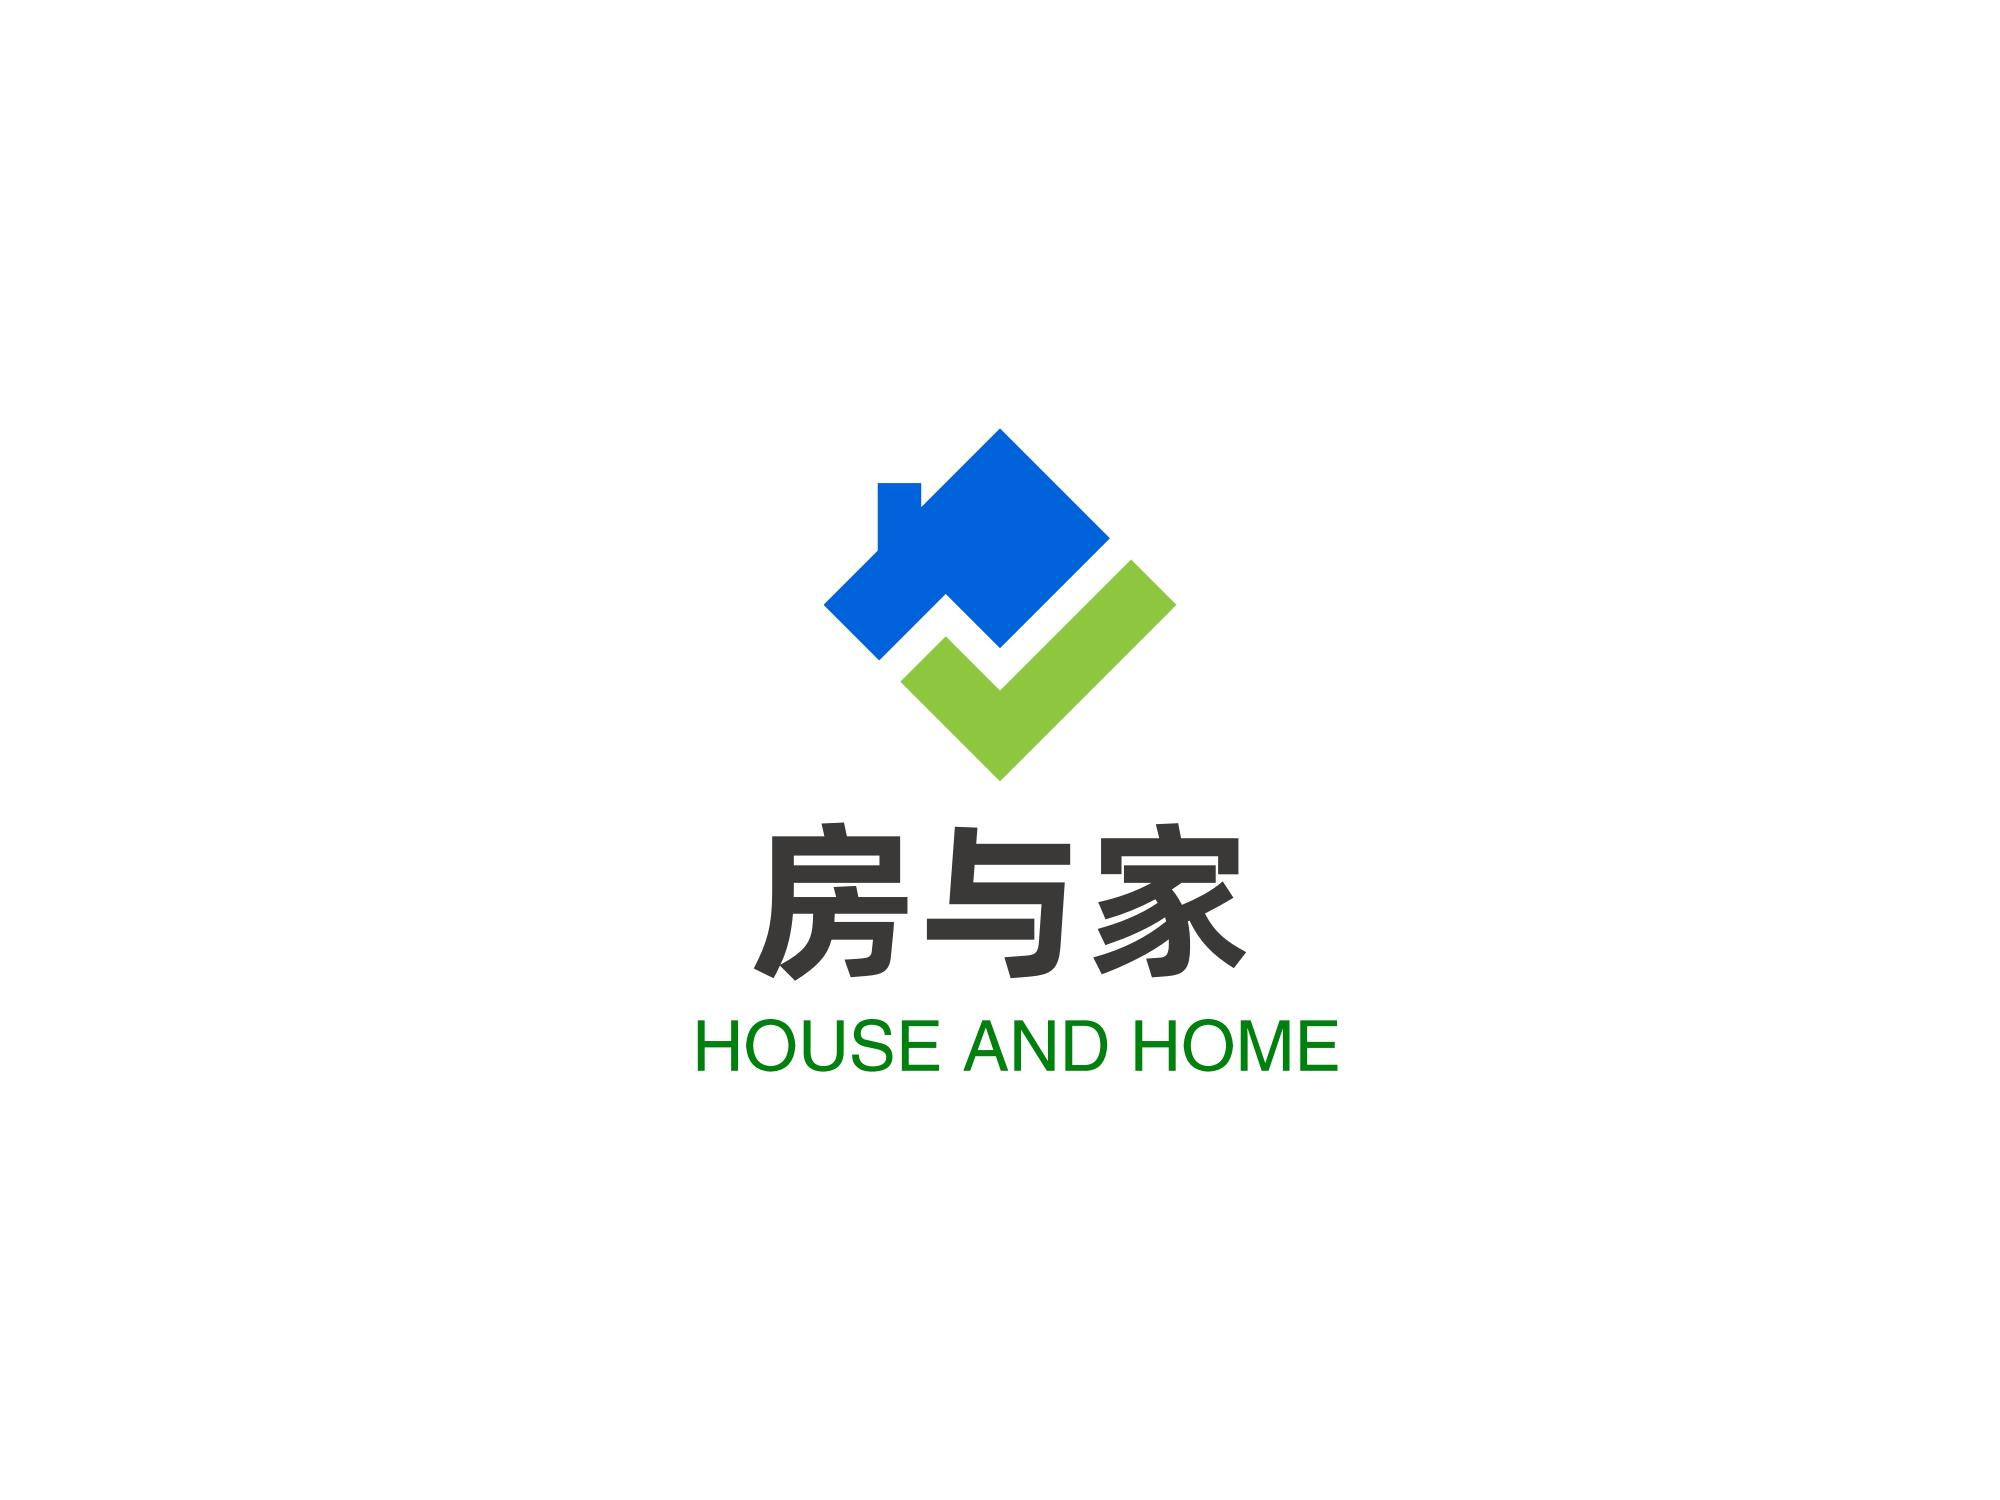 重慶房與家供應鏈管理有限公司